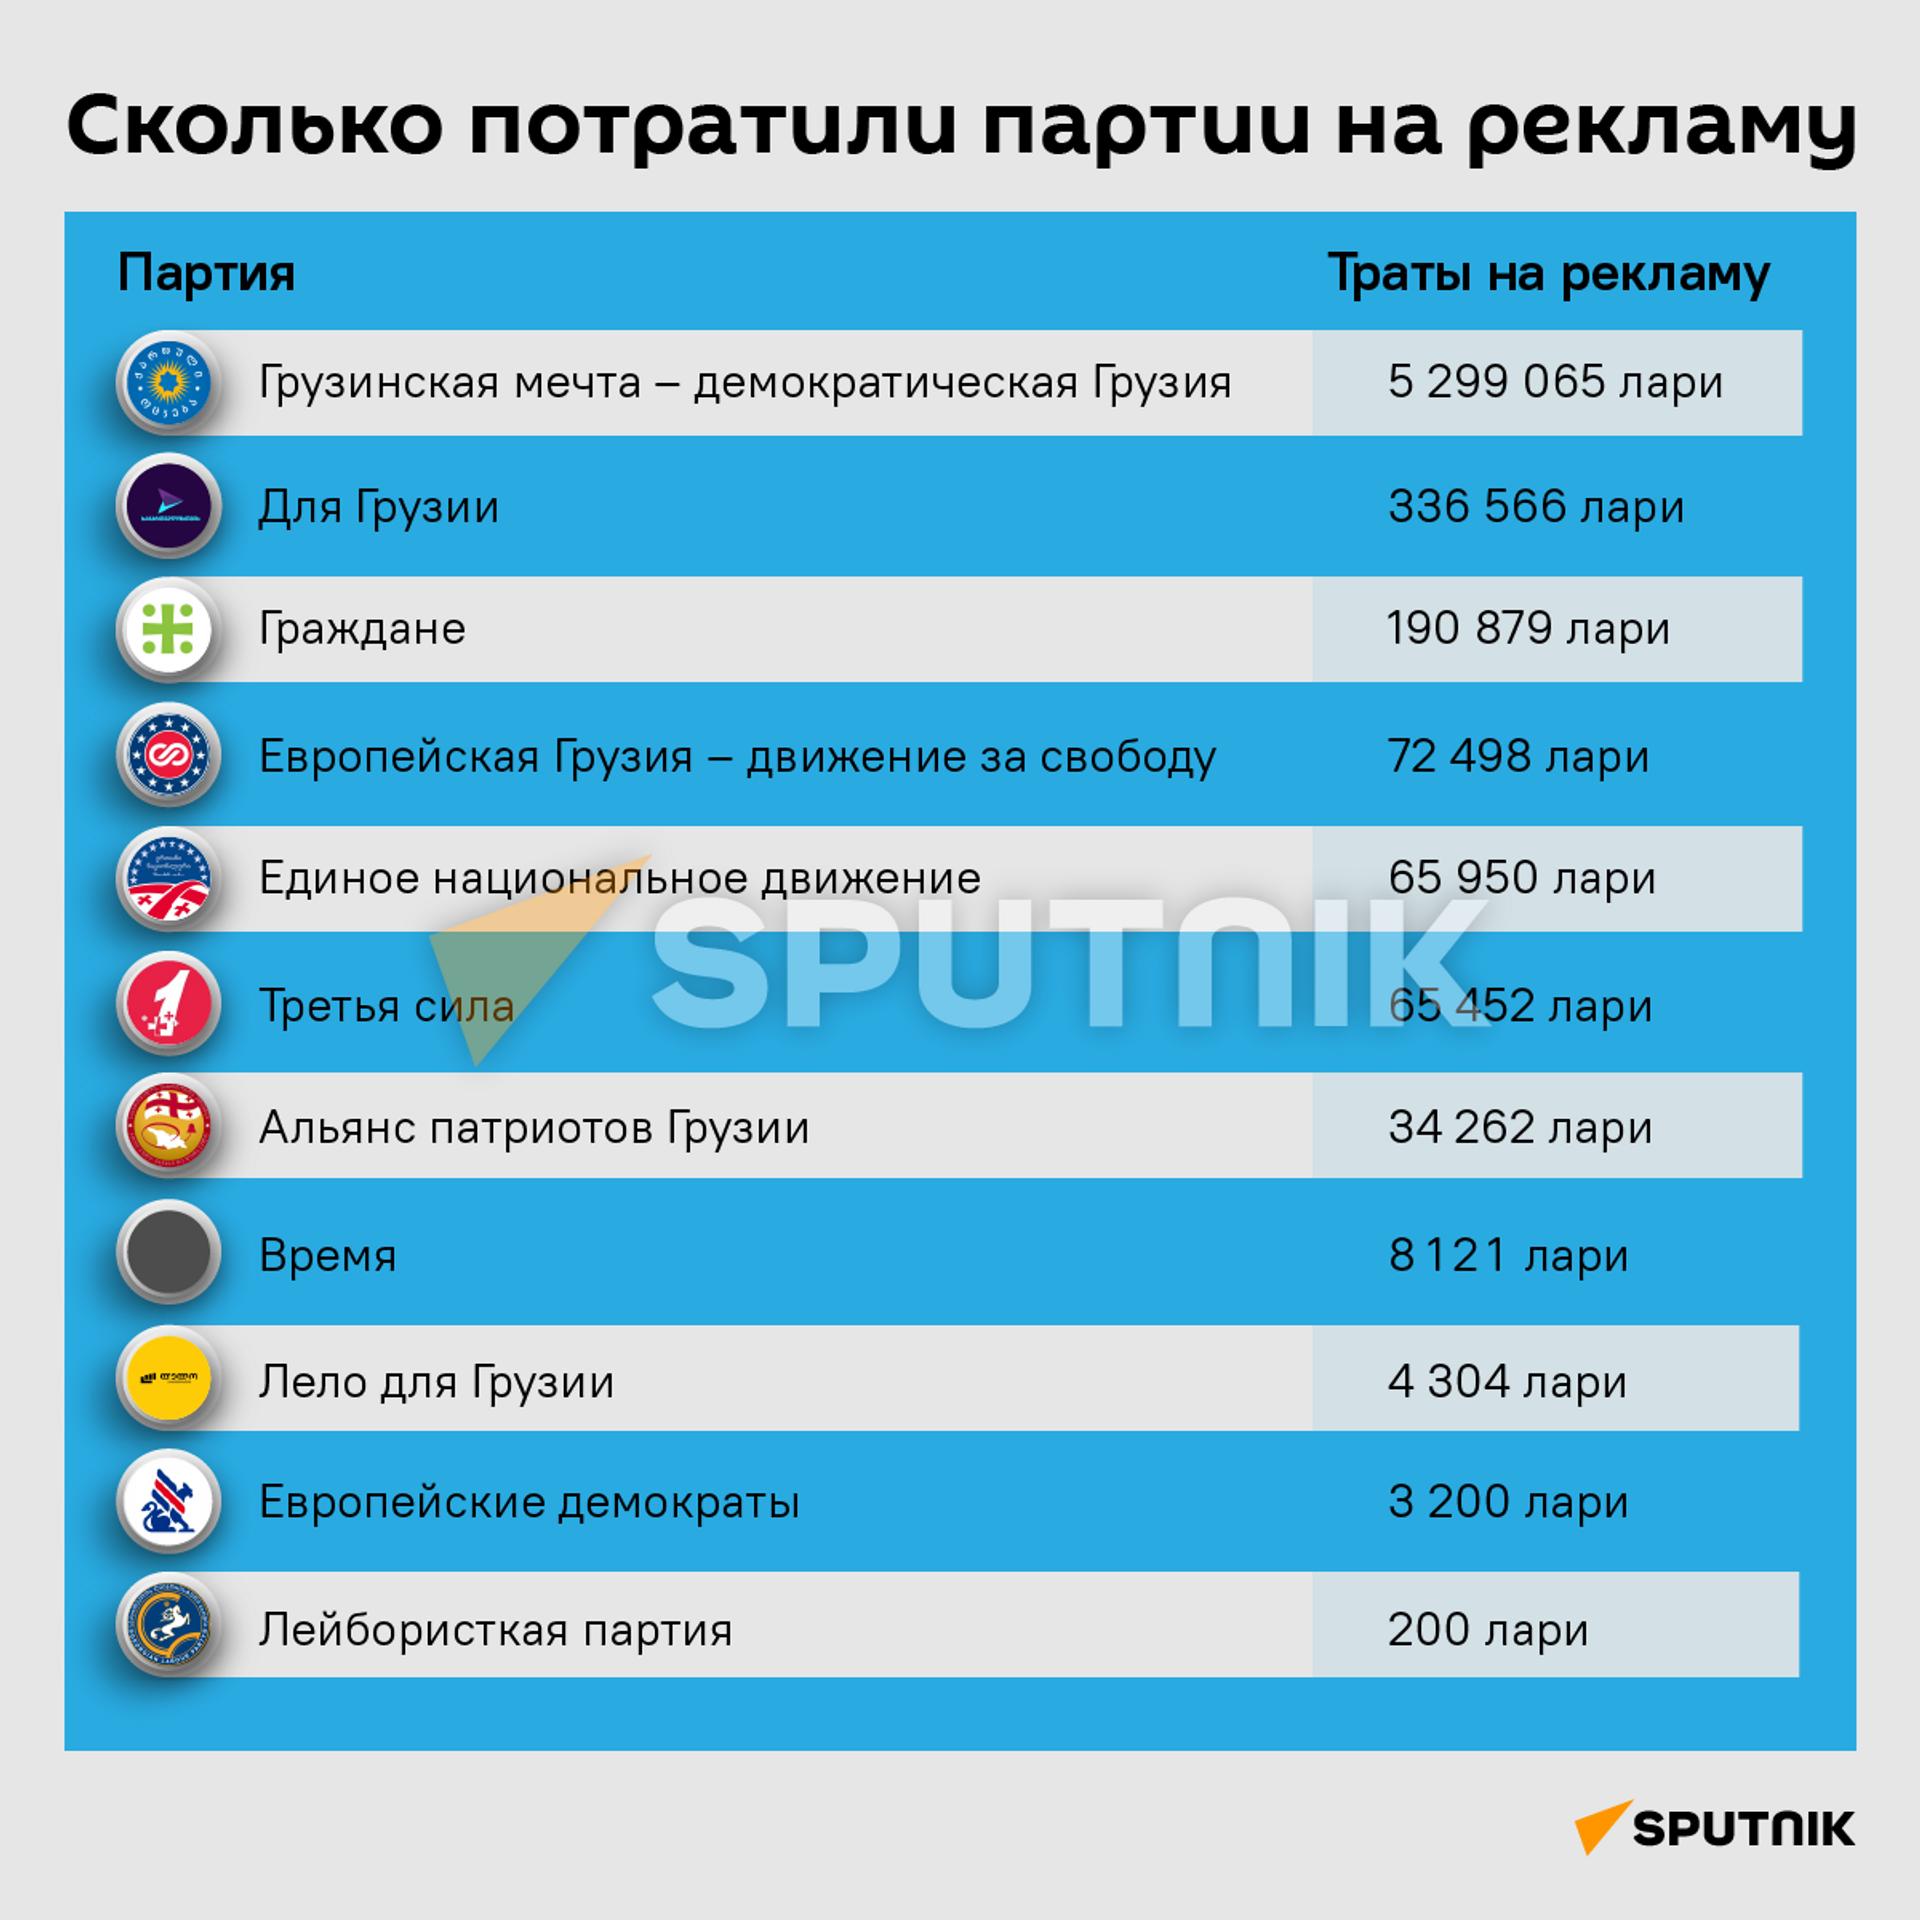 Расходы партий на рекламу 2021 - карточка - Sputnik Грузия, 1920, 27.09.2021